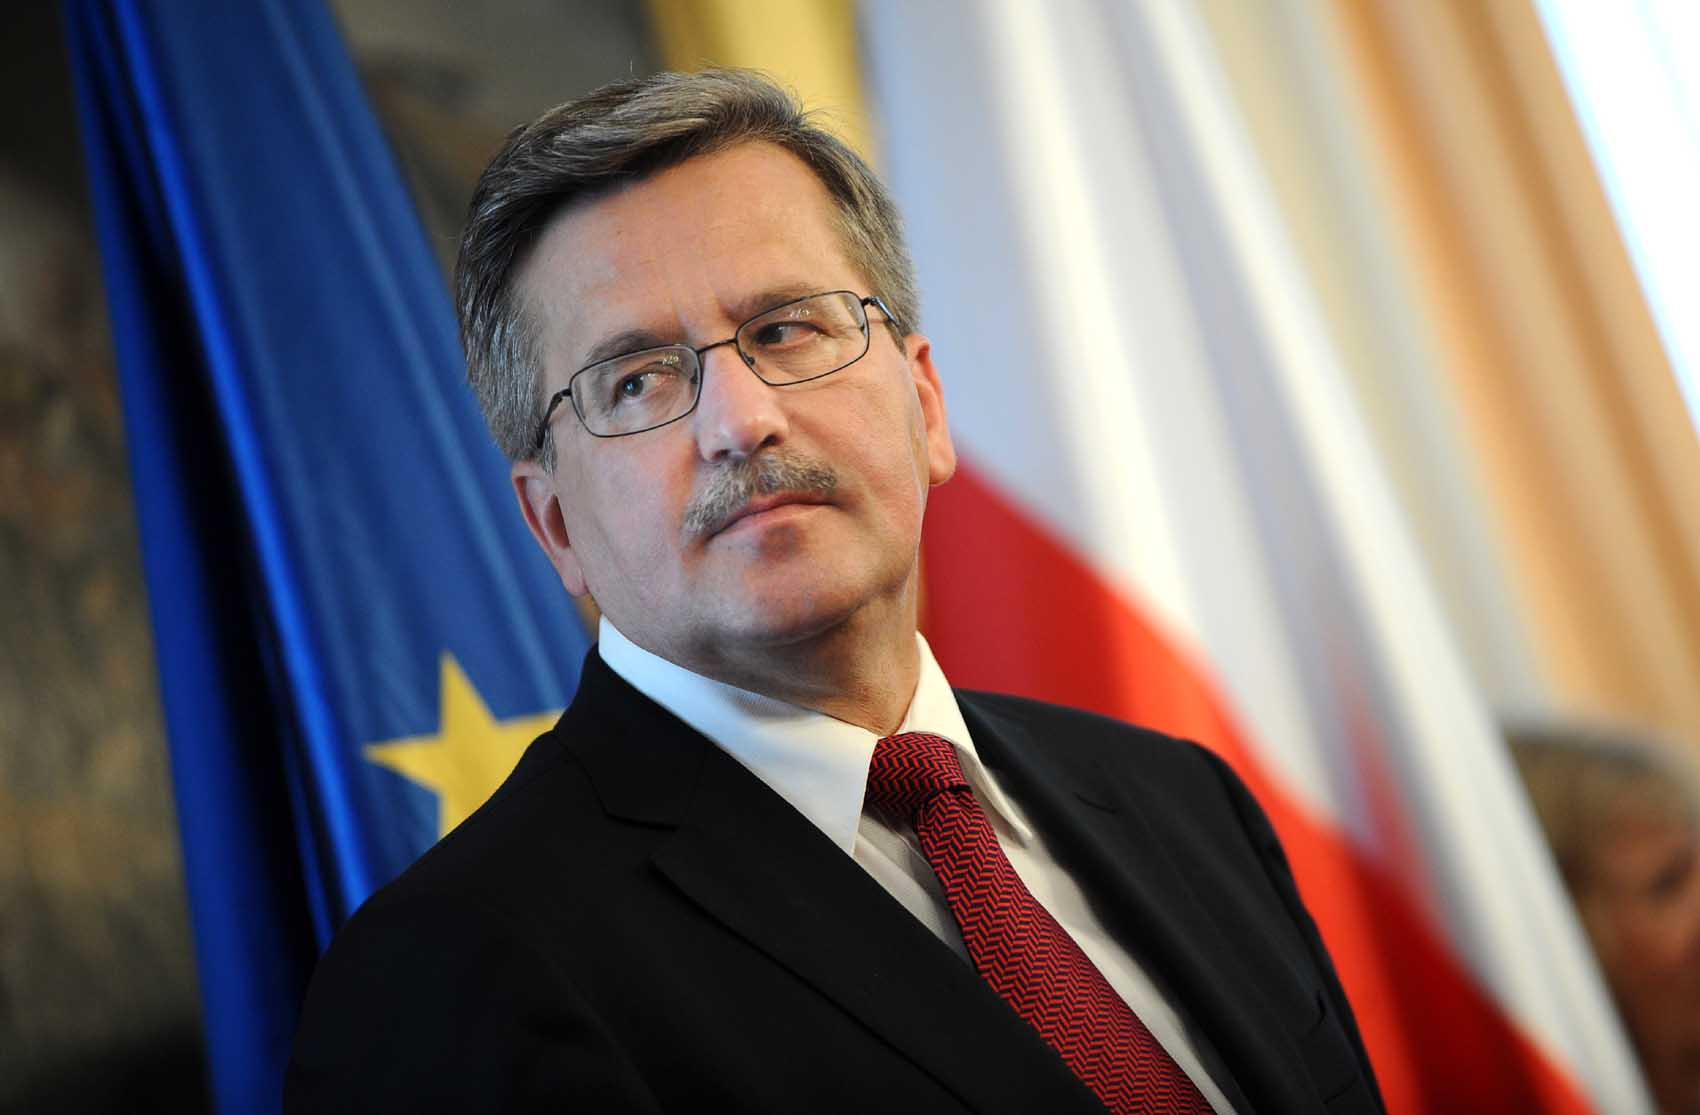 Dominująca postawa Prezydenta Bronisława Komorowskiego